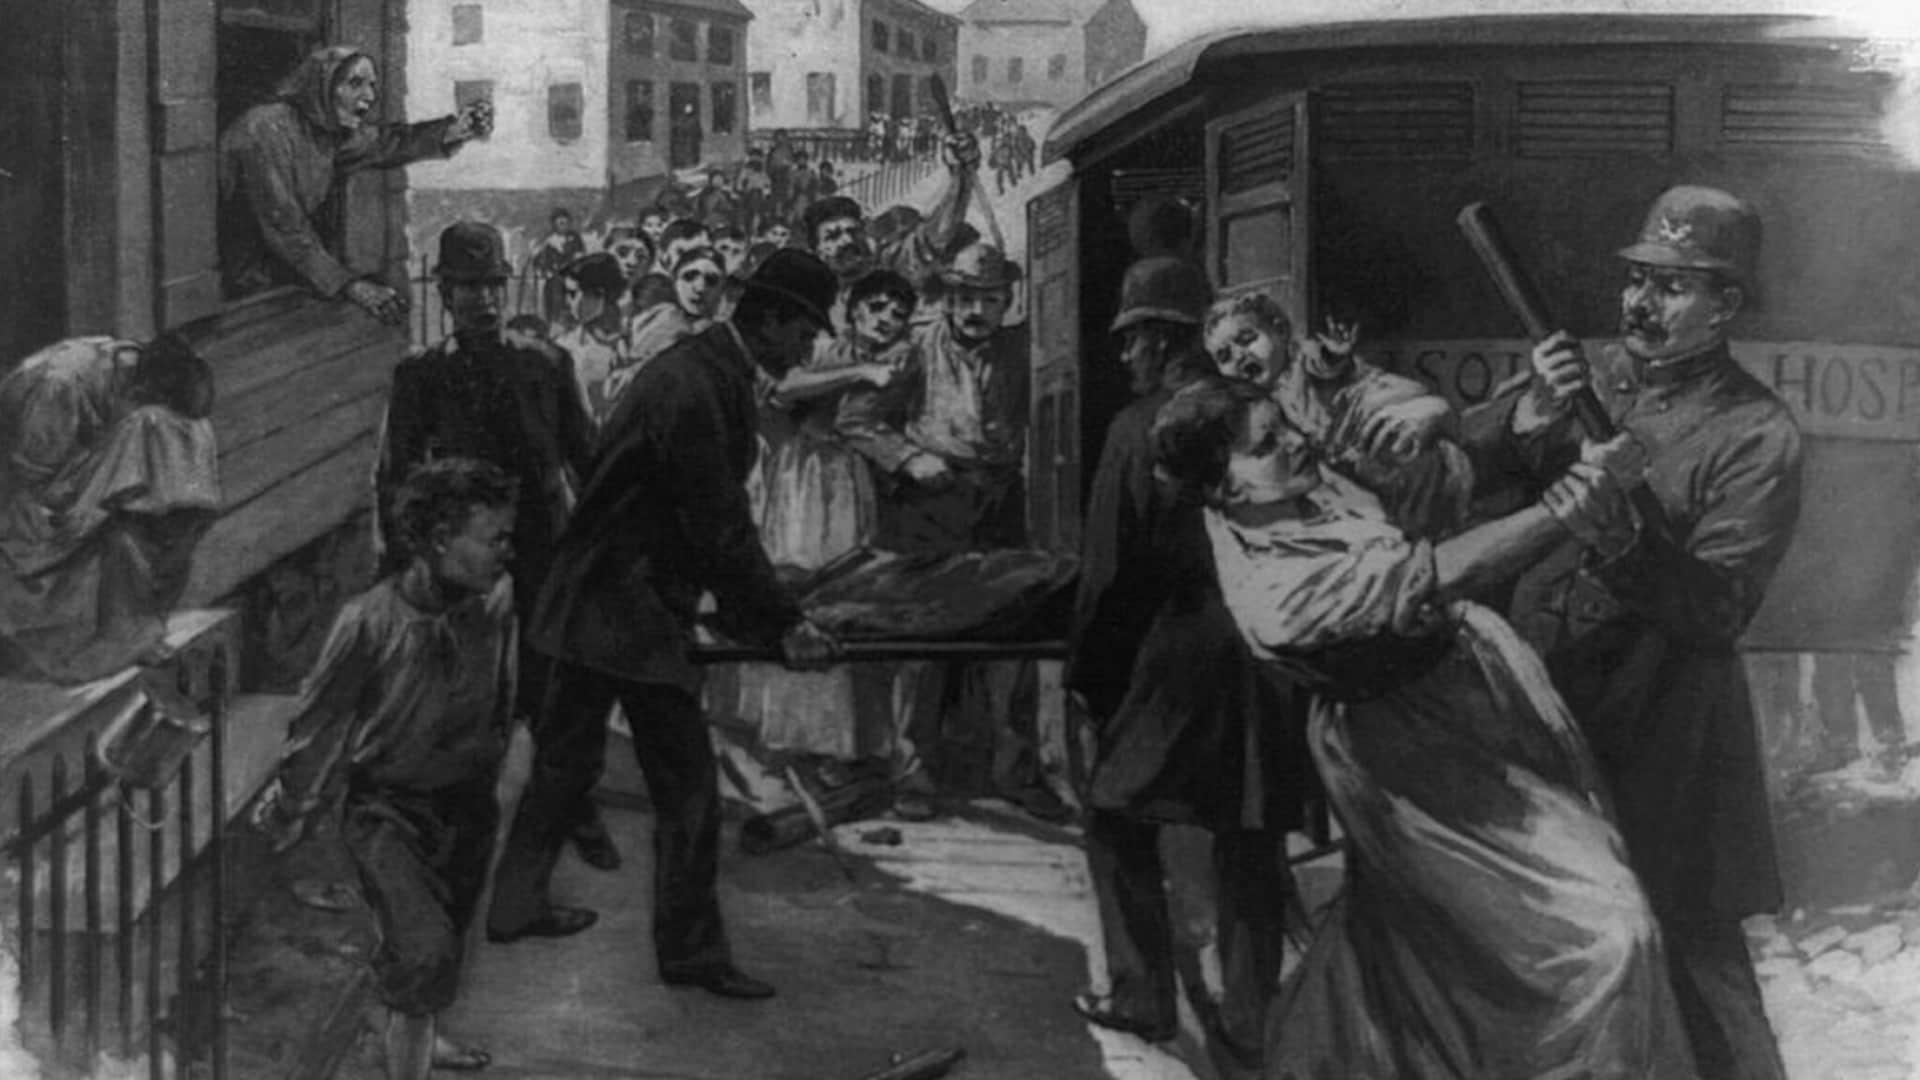 Des immigrants résistent aux policiers alors qu'on s'apprête à emmener leurs enfants dans un fourgon de l'hôpital.